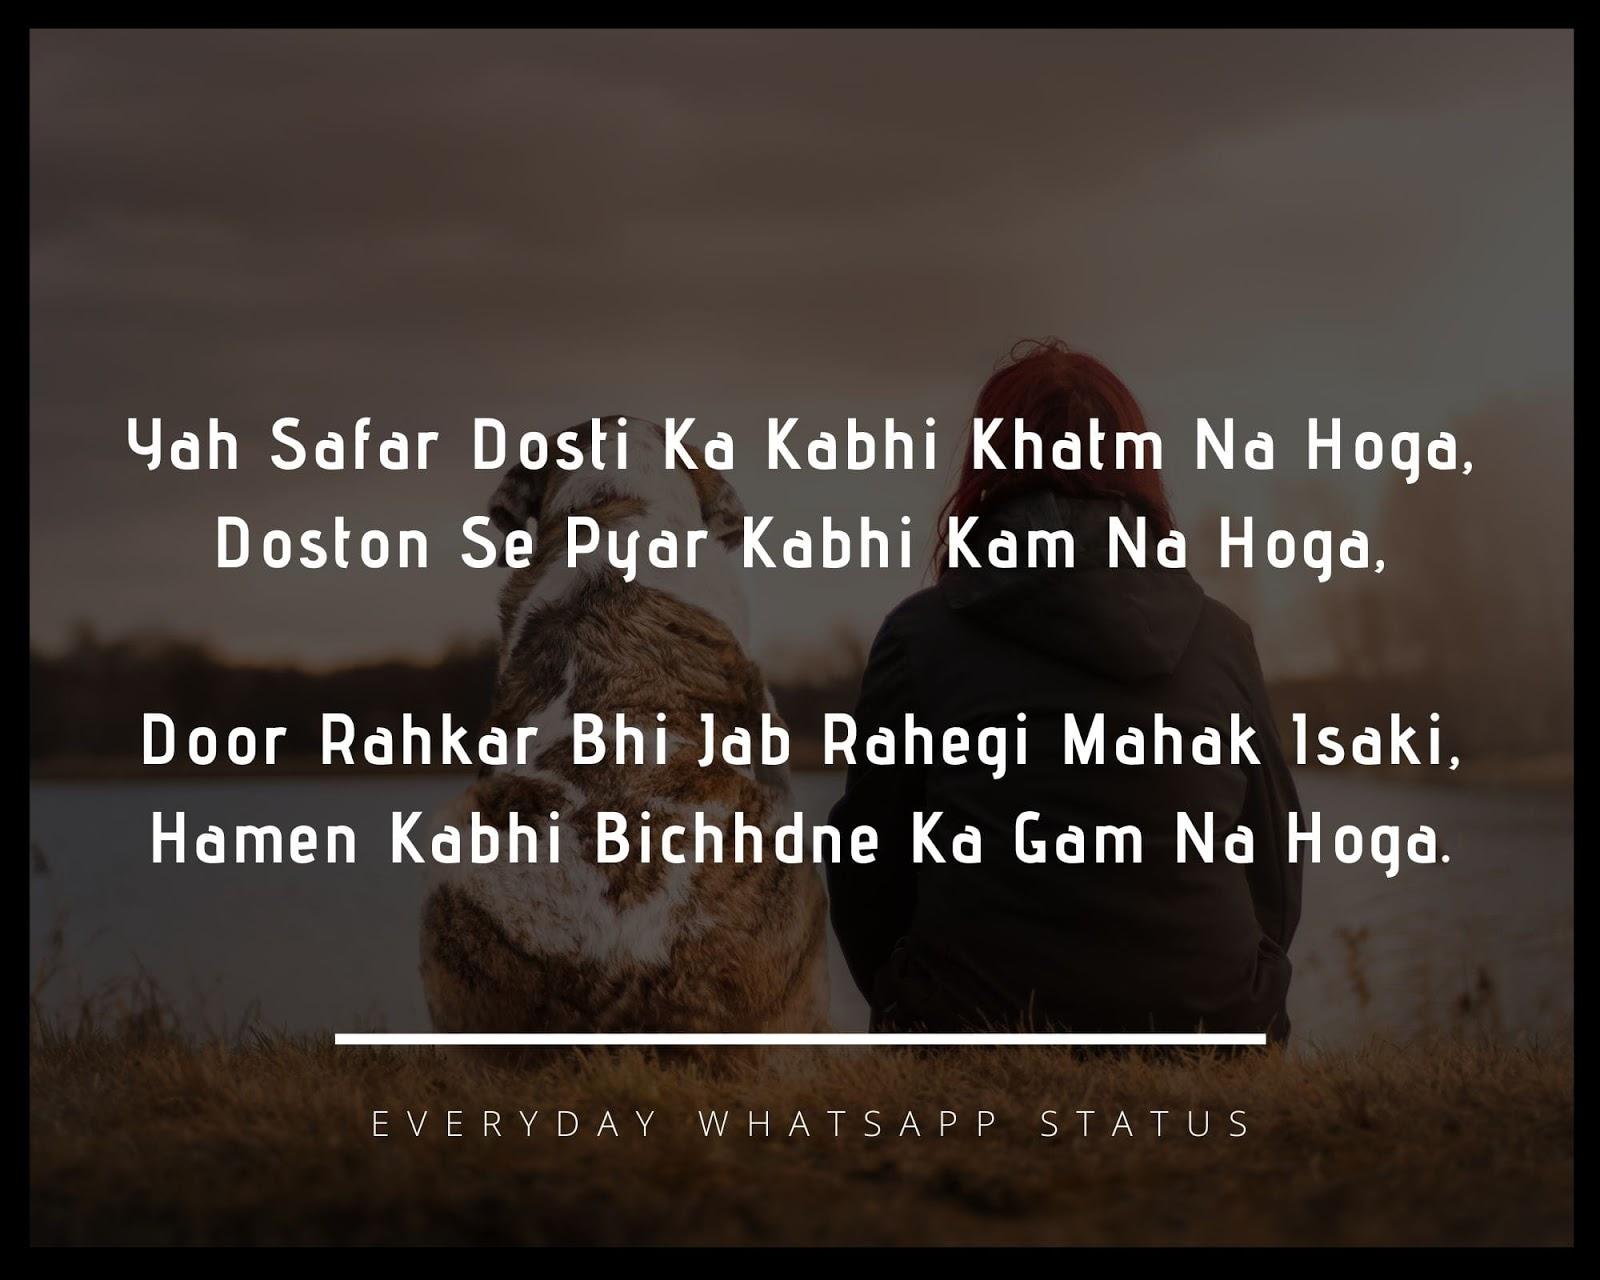 Dosti Par Shayari - Yah Safar Dosti Ka Kabhi Khatm Na Hoga